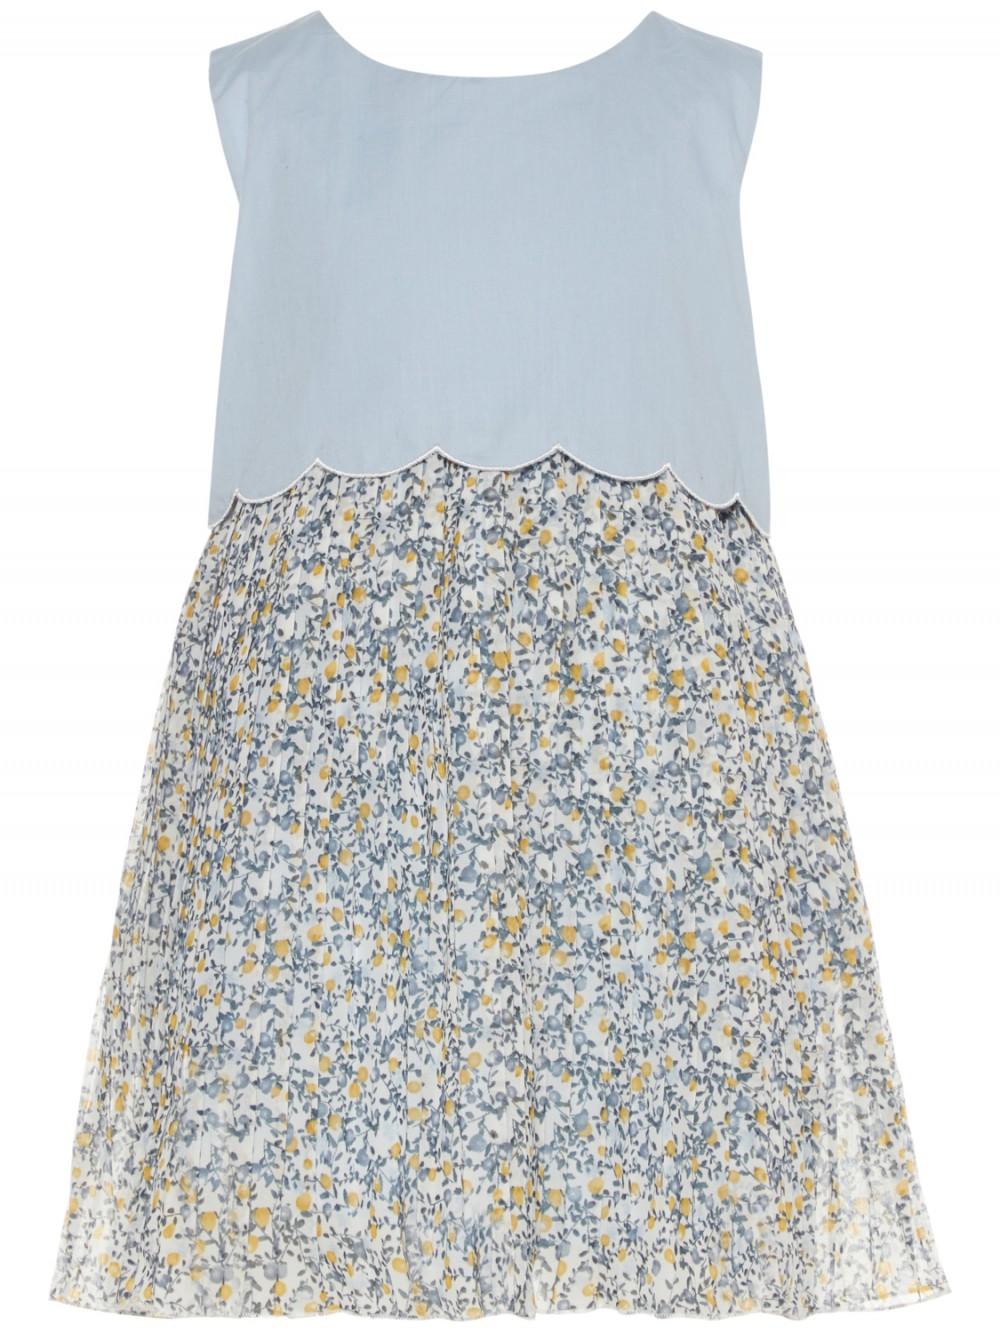 9762110d Lyse blå kjole til jente, barn fra Name It, kjole med blomster